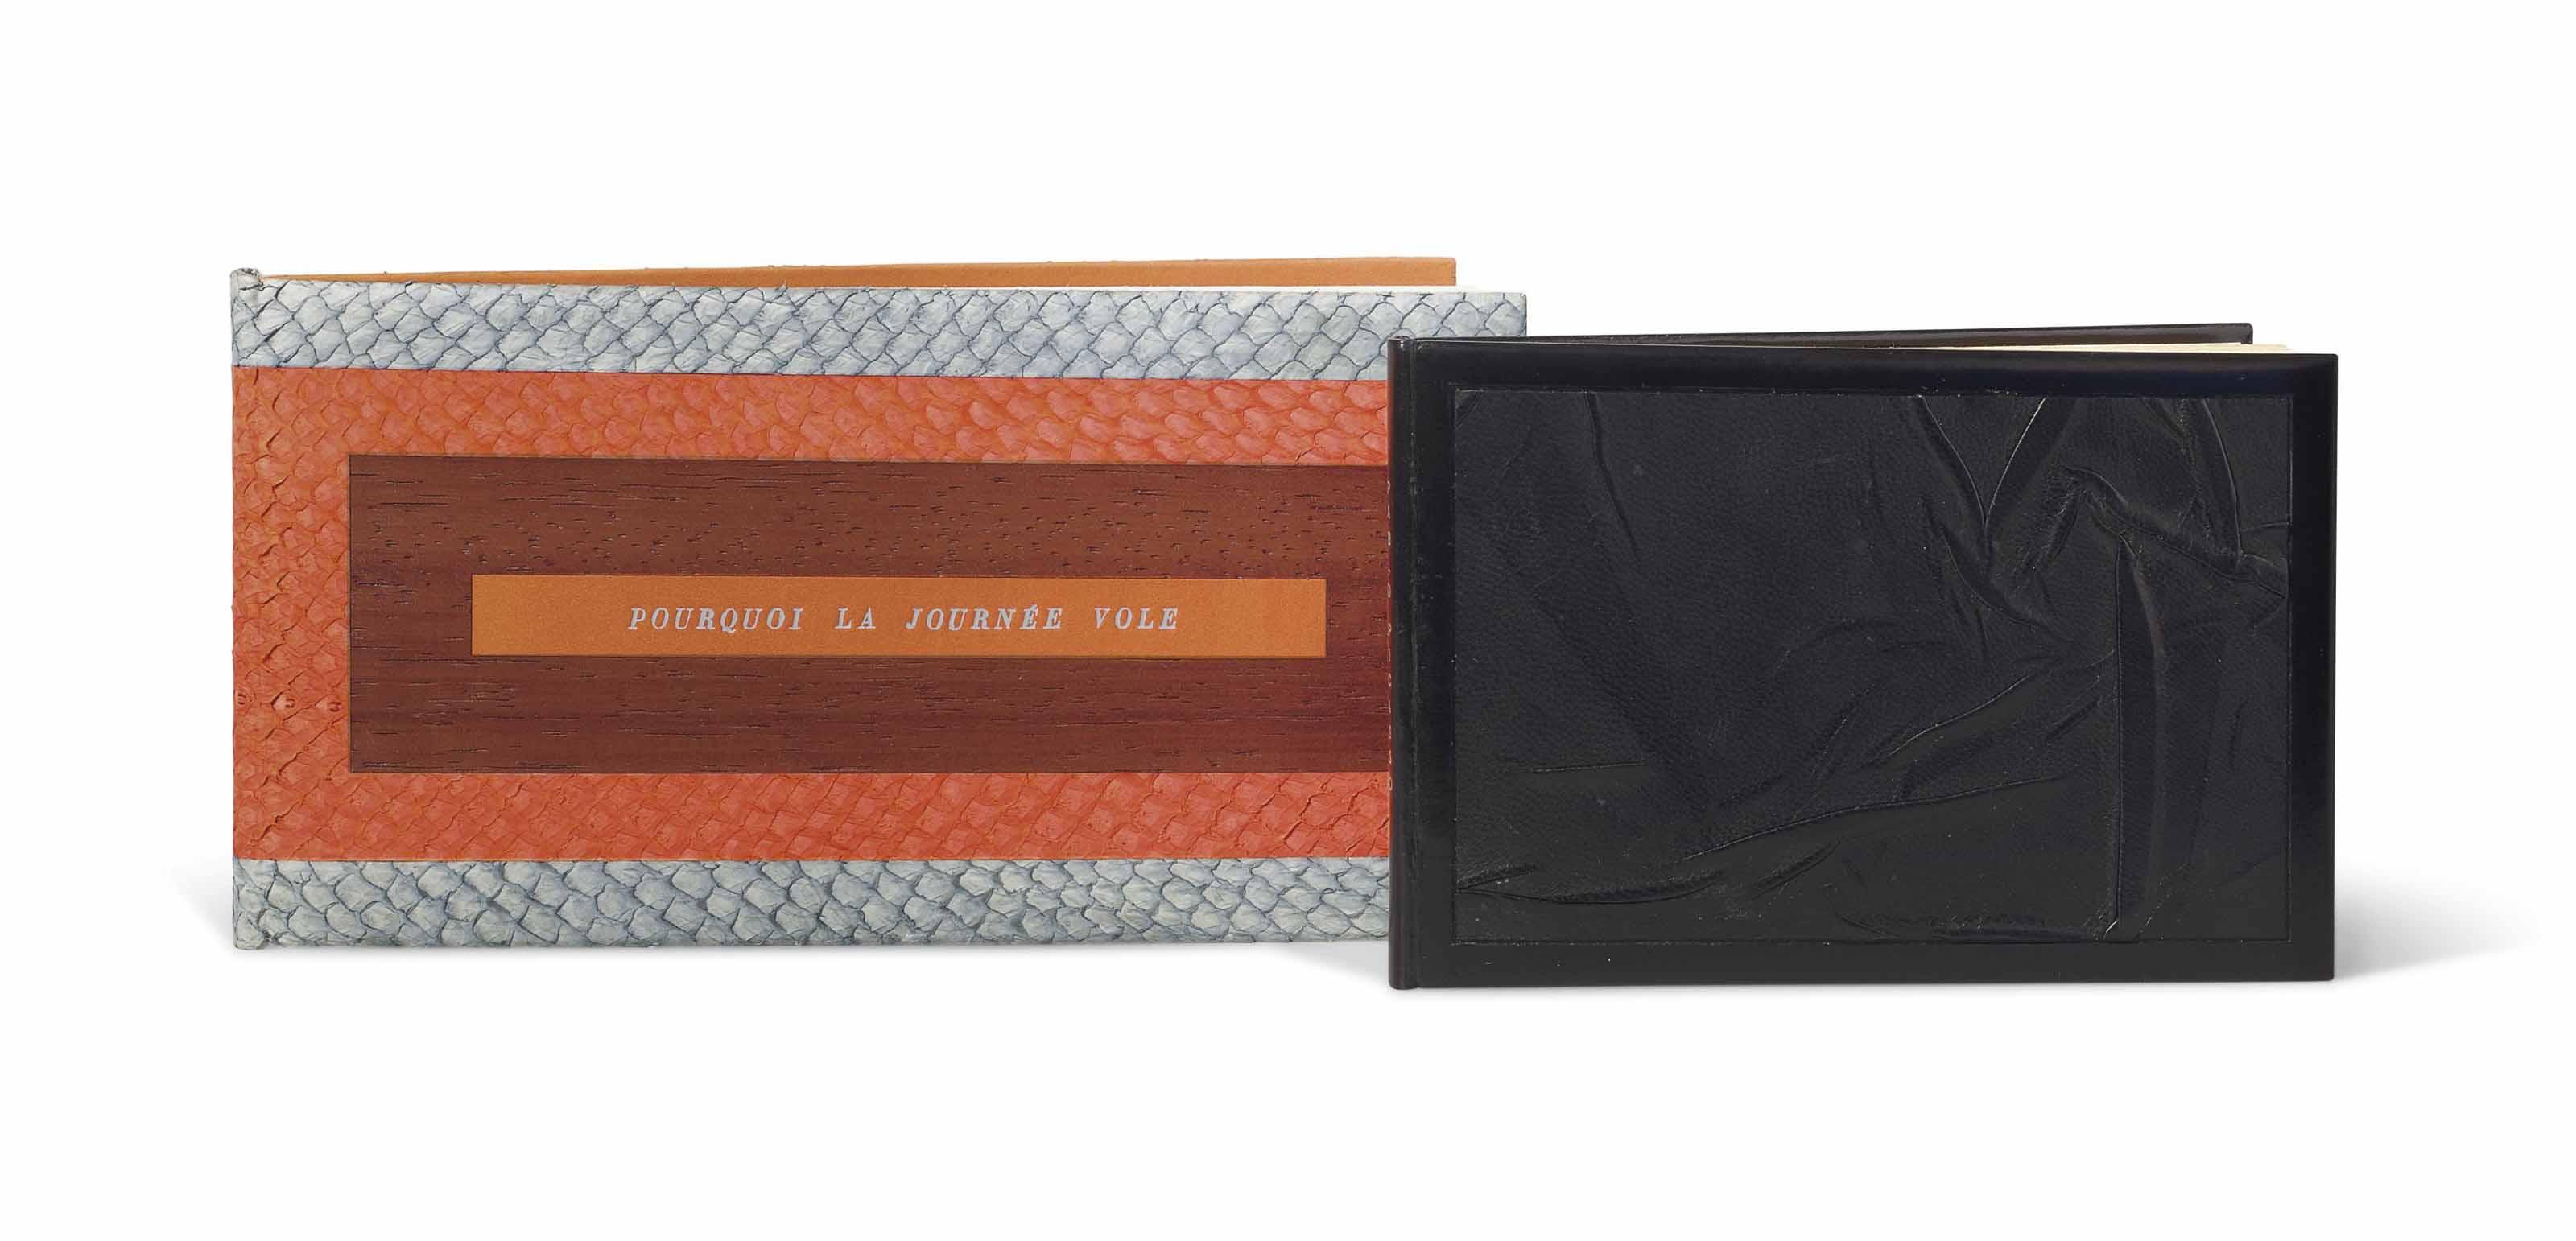 [PICASSO] – René CHAR (1907-1968). Pourquoi la journée vole. Alès: PAB, juillet 1960. In-16 oblong (100 x 191 mm). Une gravure originale au burin sur celluloïd signée de Pablo Picasso. Reliure signée Leroux au contreplat et datée 1994, décor rectangulaire de cuir arraché bleu-gris et orange passant sur le dos lisse, incrustation au centre des plats d'un rectangle de bois, au centre du premier plat pièce de titre en box orange, doublure de box orange, gardes de daim gris, couverture, chemise et étui assortis.